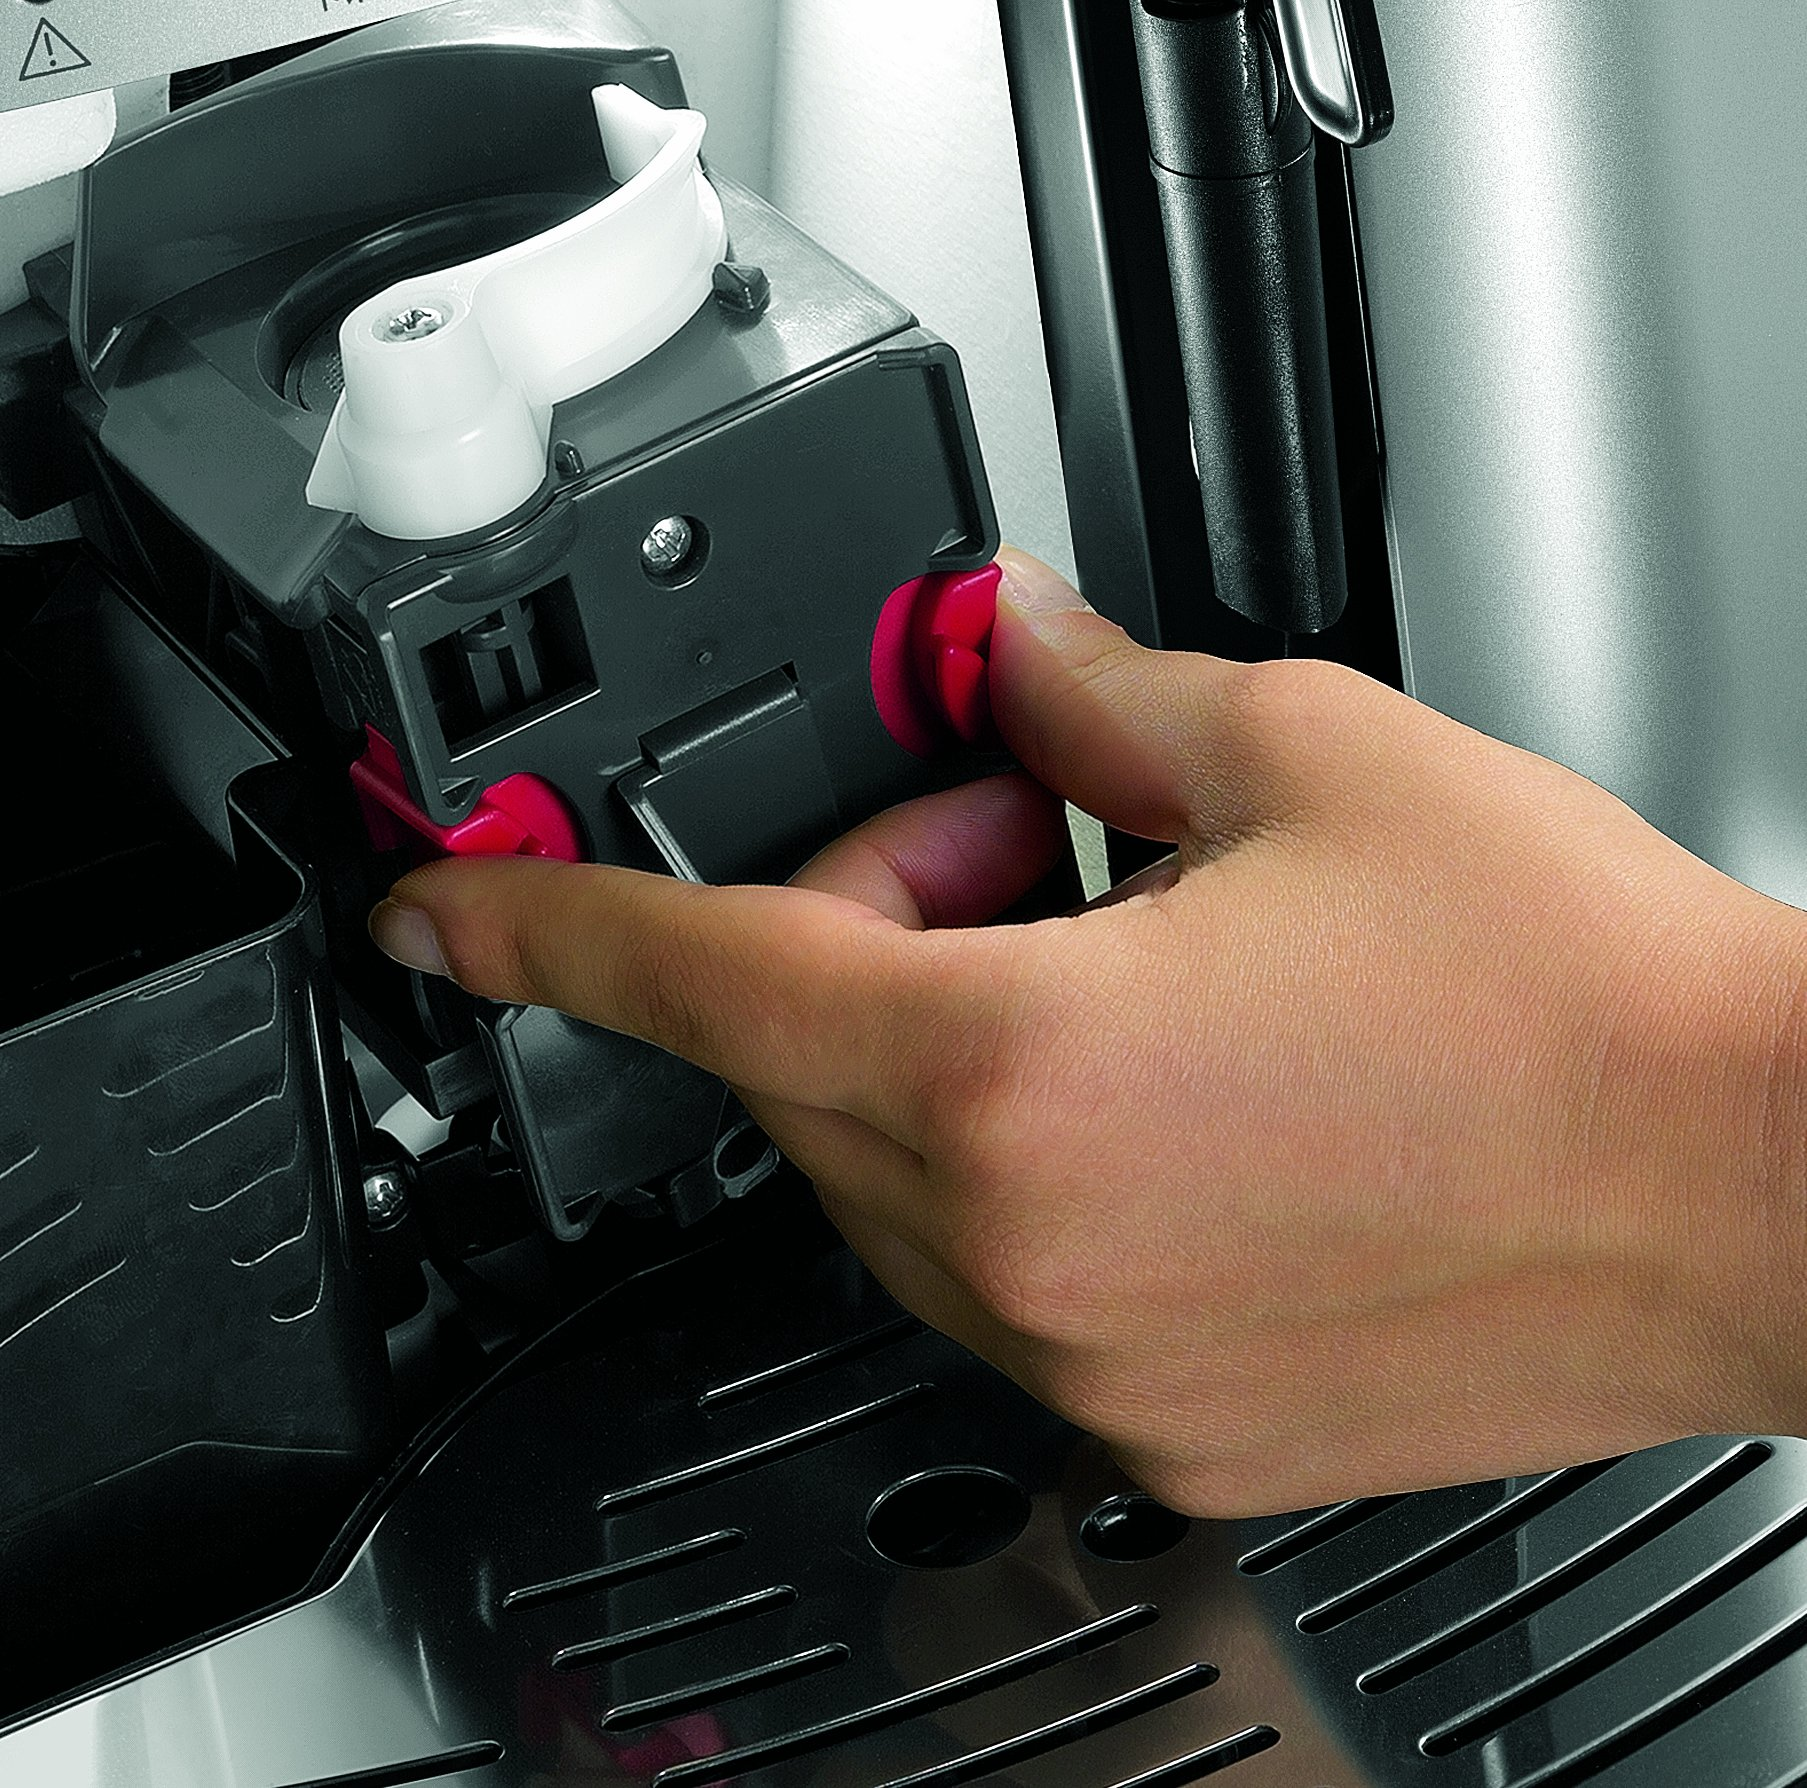 DeLonghi-ESAM-2200-Kaffeevollautomat-Direktwahltasten-und-Drehregler-Milchaufschumdse-Kegelmahlwerk-13-Stufen-Herausnehmbare-Brhgruppe-2-Tassen-Funktion-silber